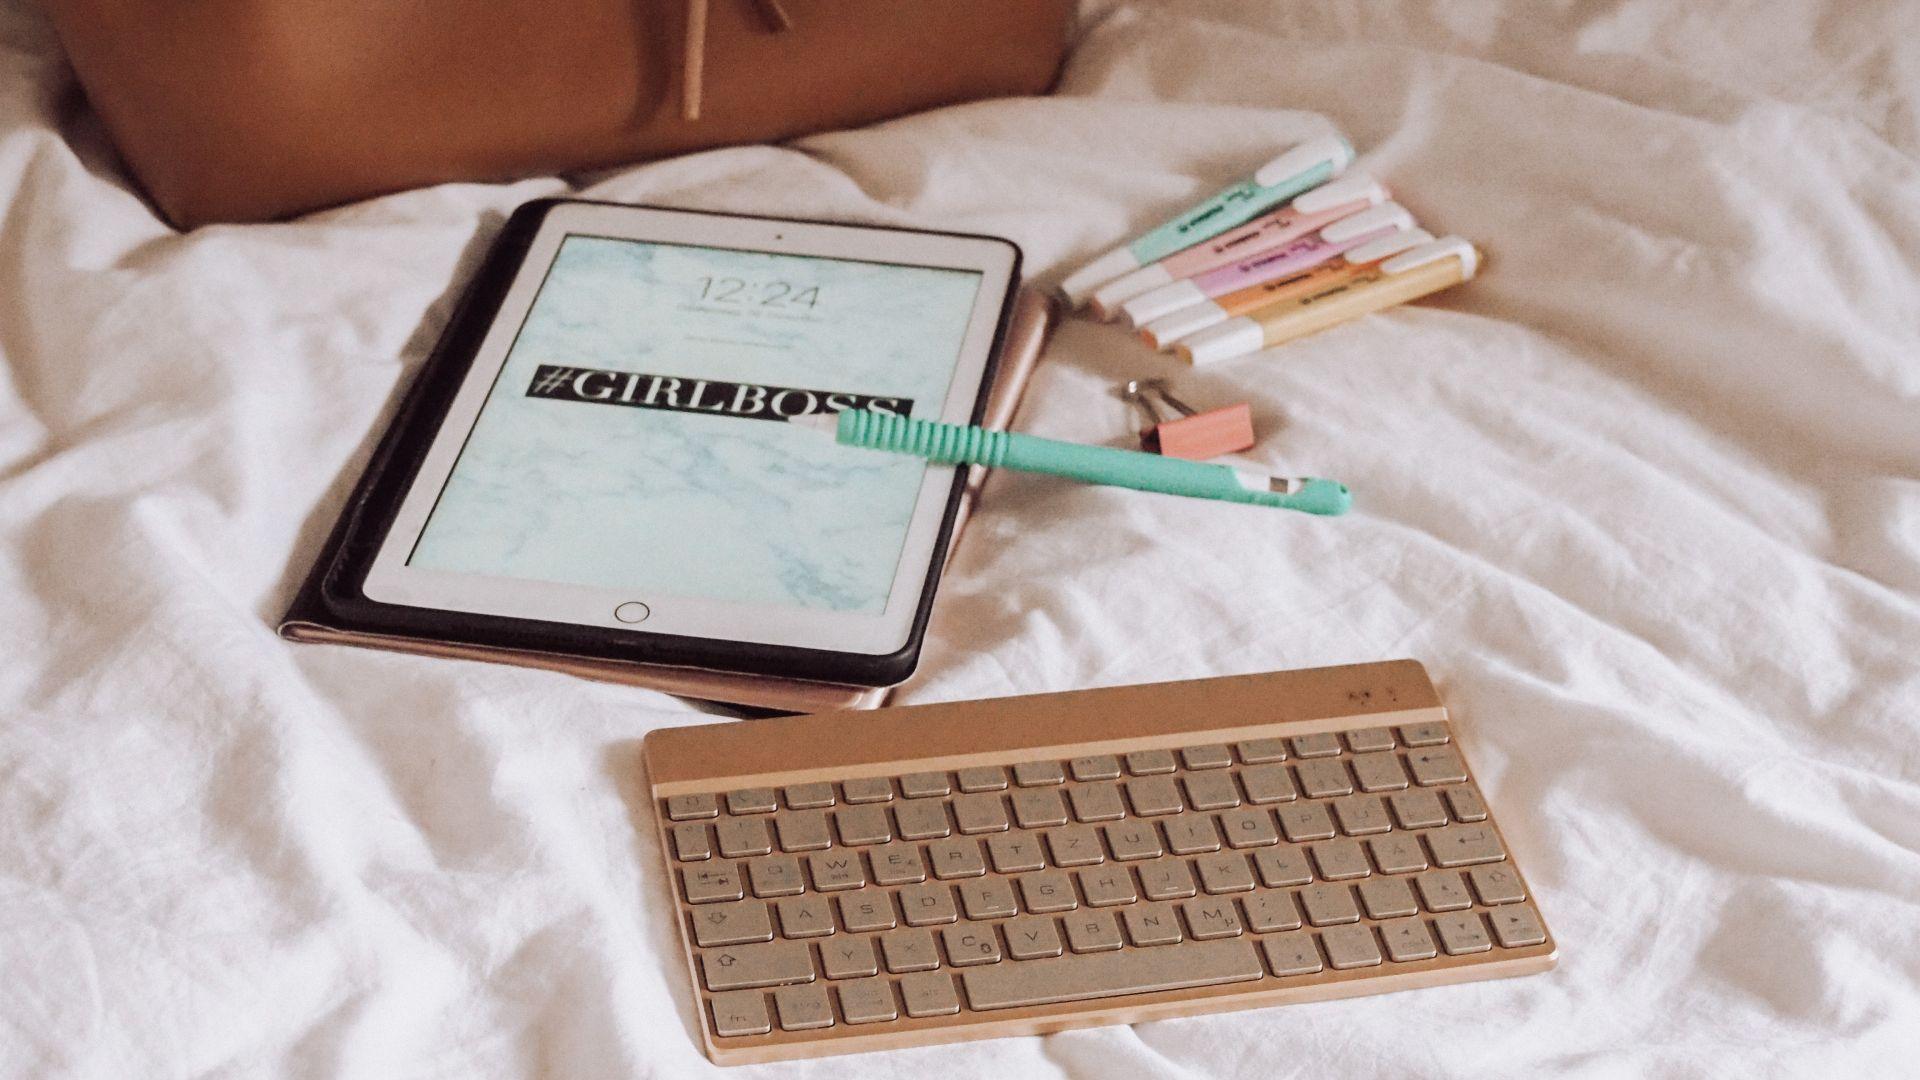 Digital Notetaking- Notizen und Lernzettel auf dem iPad